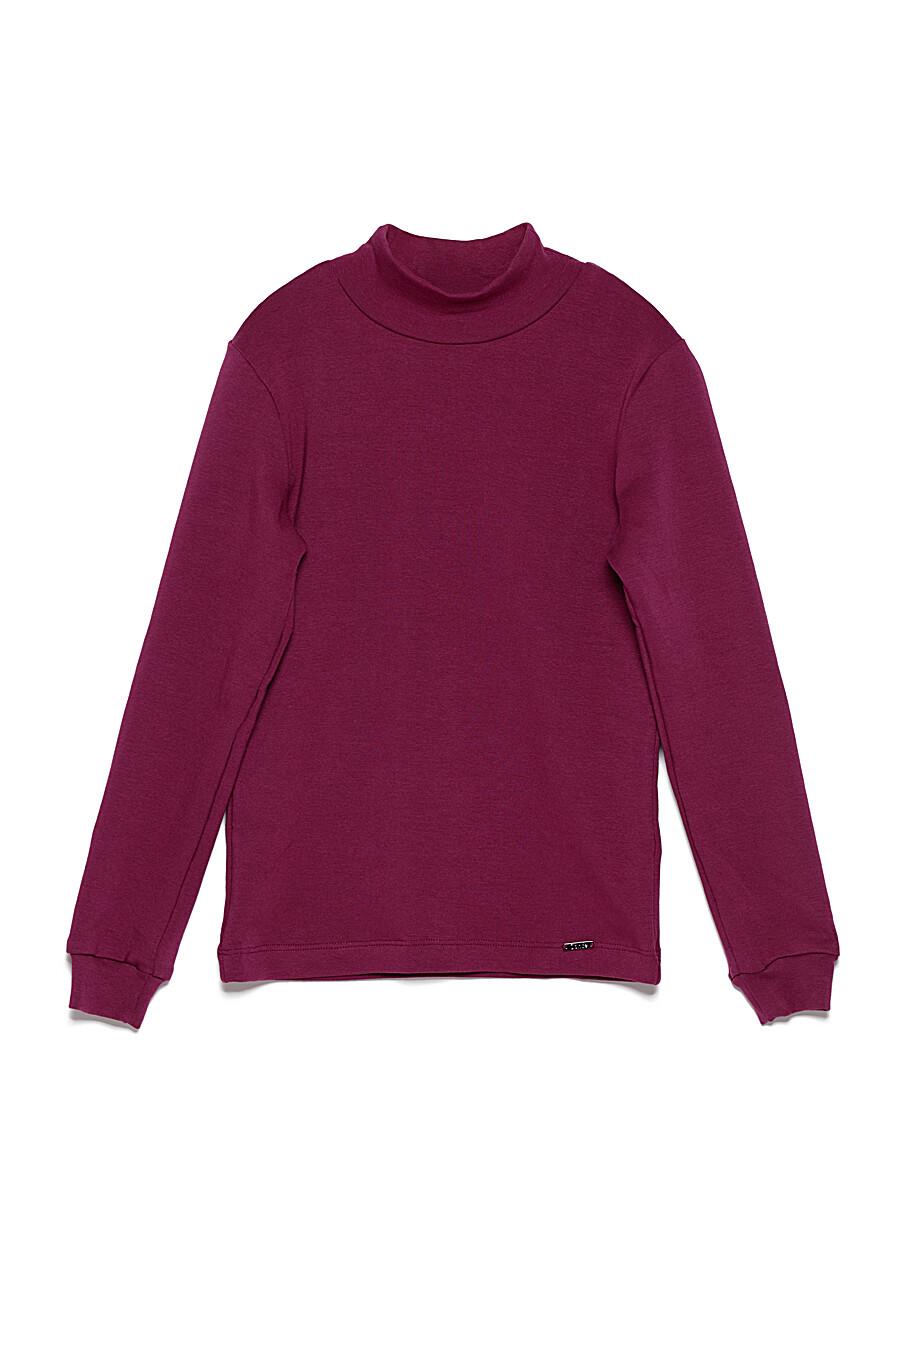 Джемпер для девочек CONTE ELEGANT 148715 купить оптом от производителя. Совместная покупка детской одежды в OptMoyo